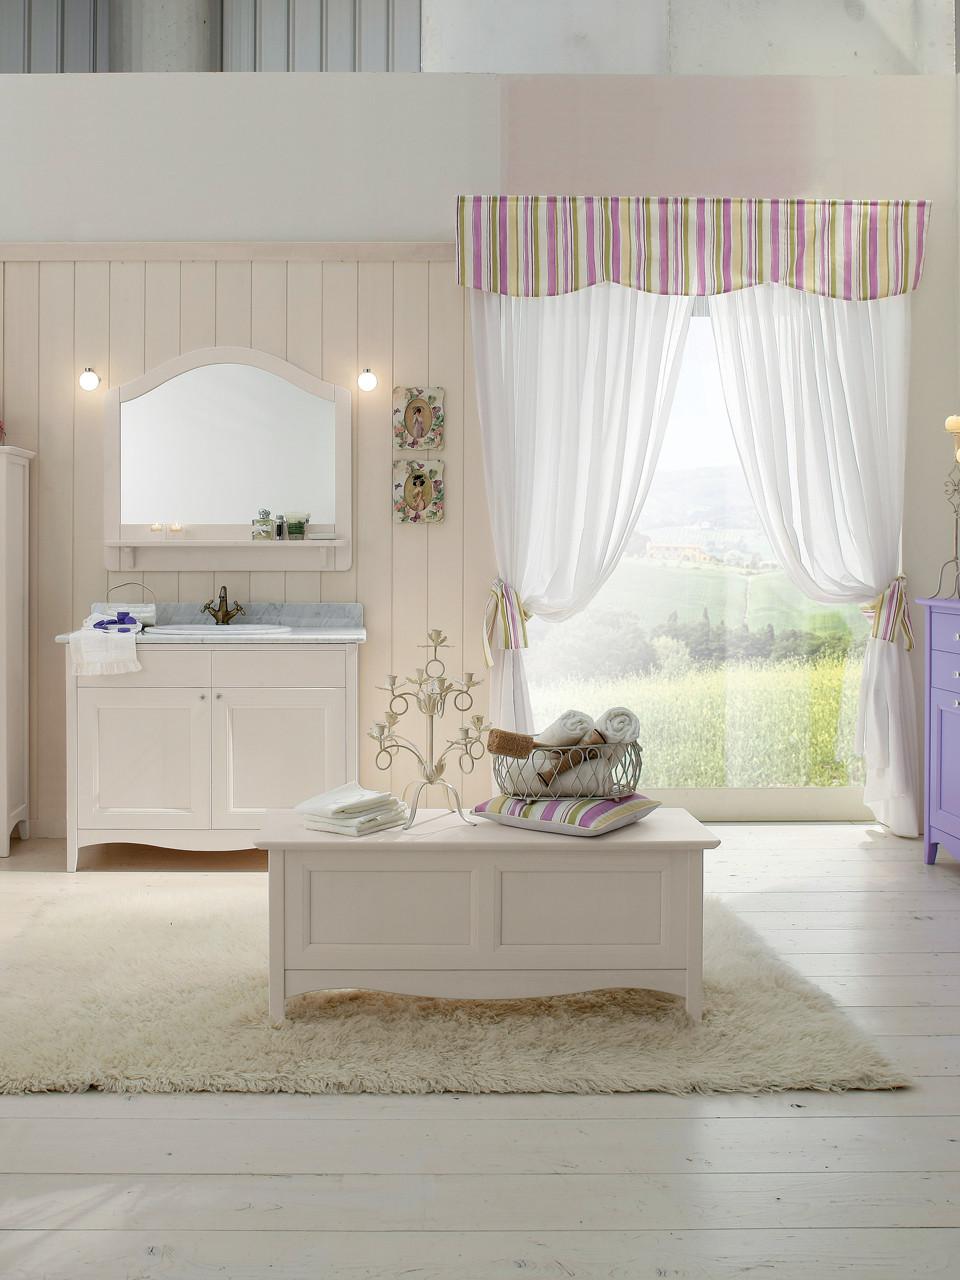 Beautiful negozi arredo bagno milano contemporary for Negozi mobili da giardino milano